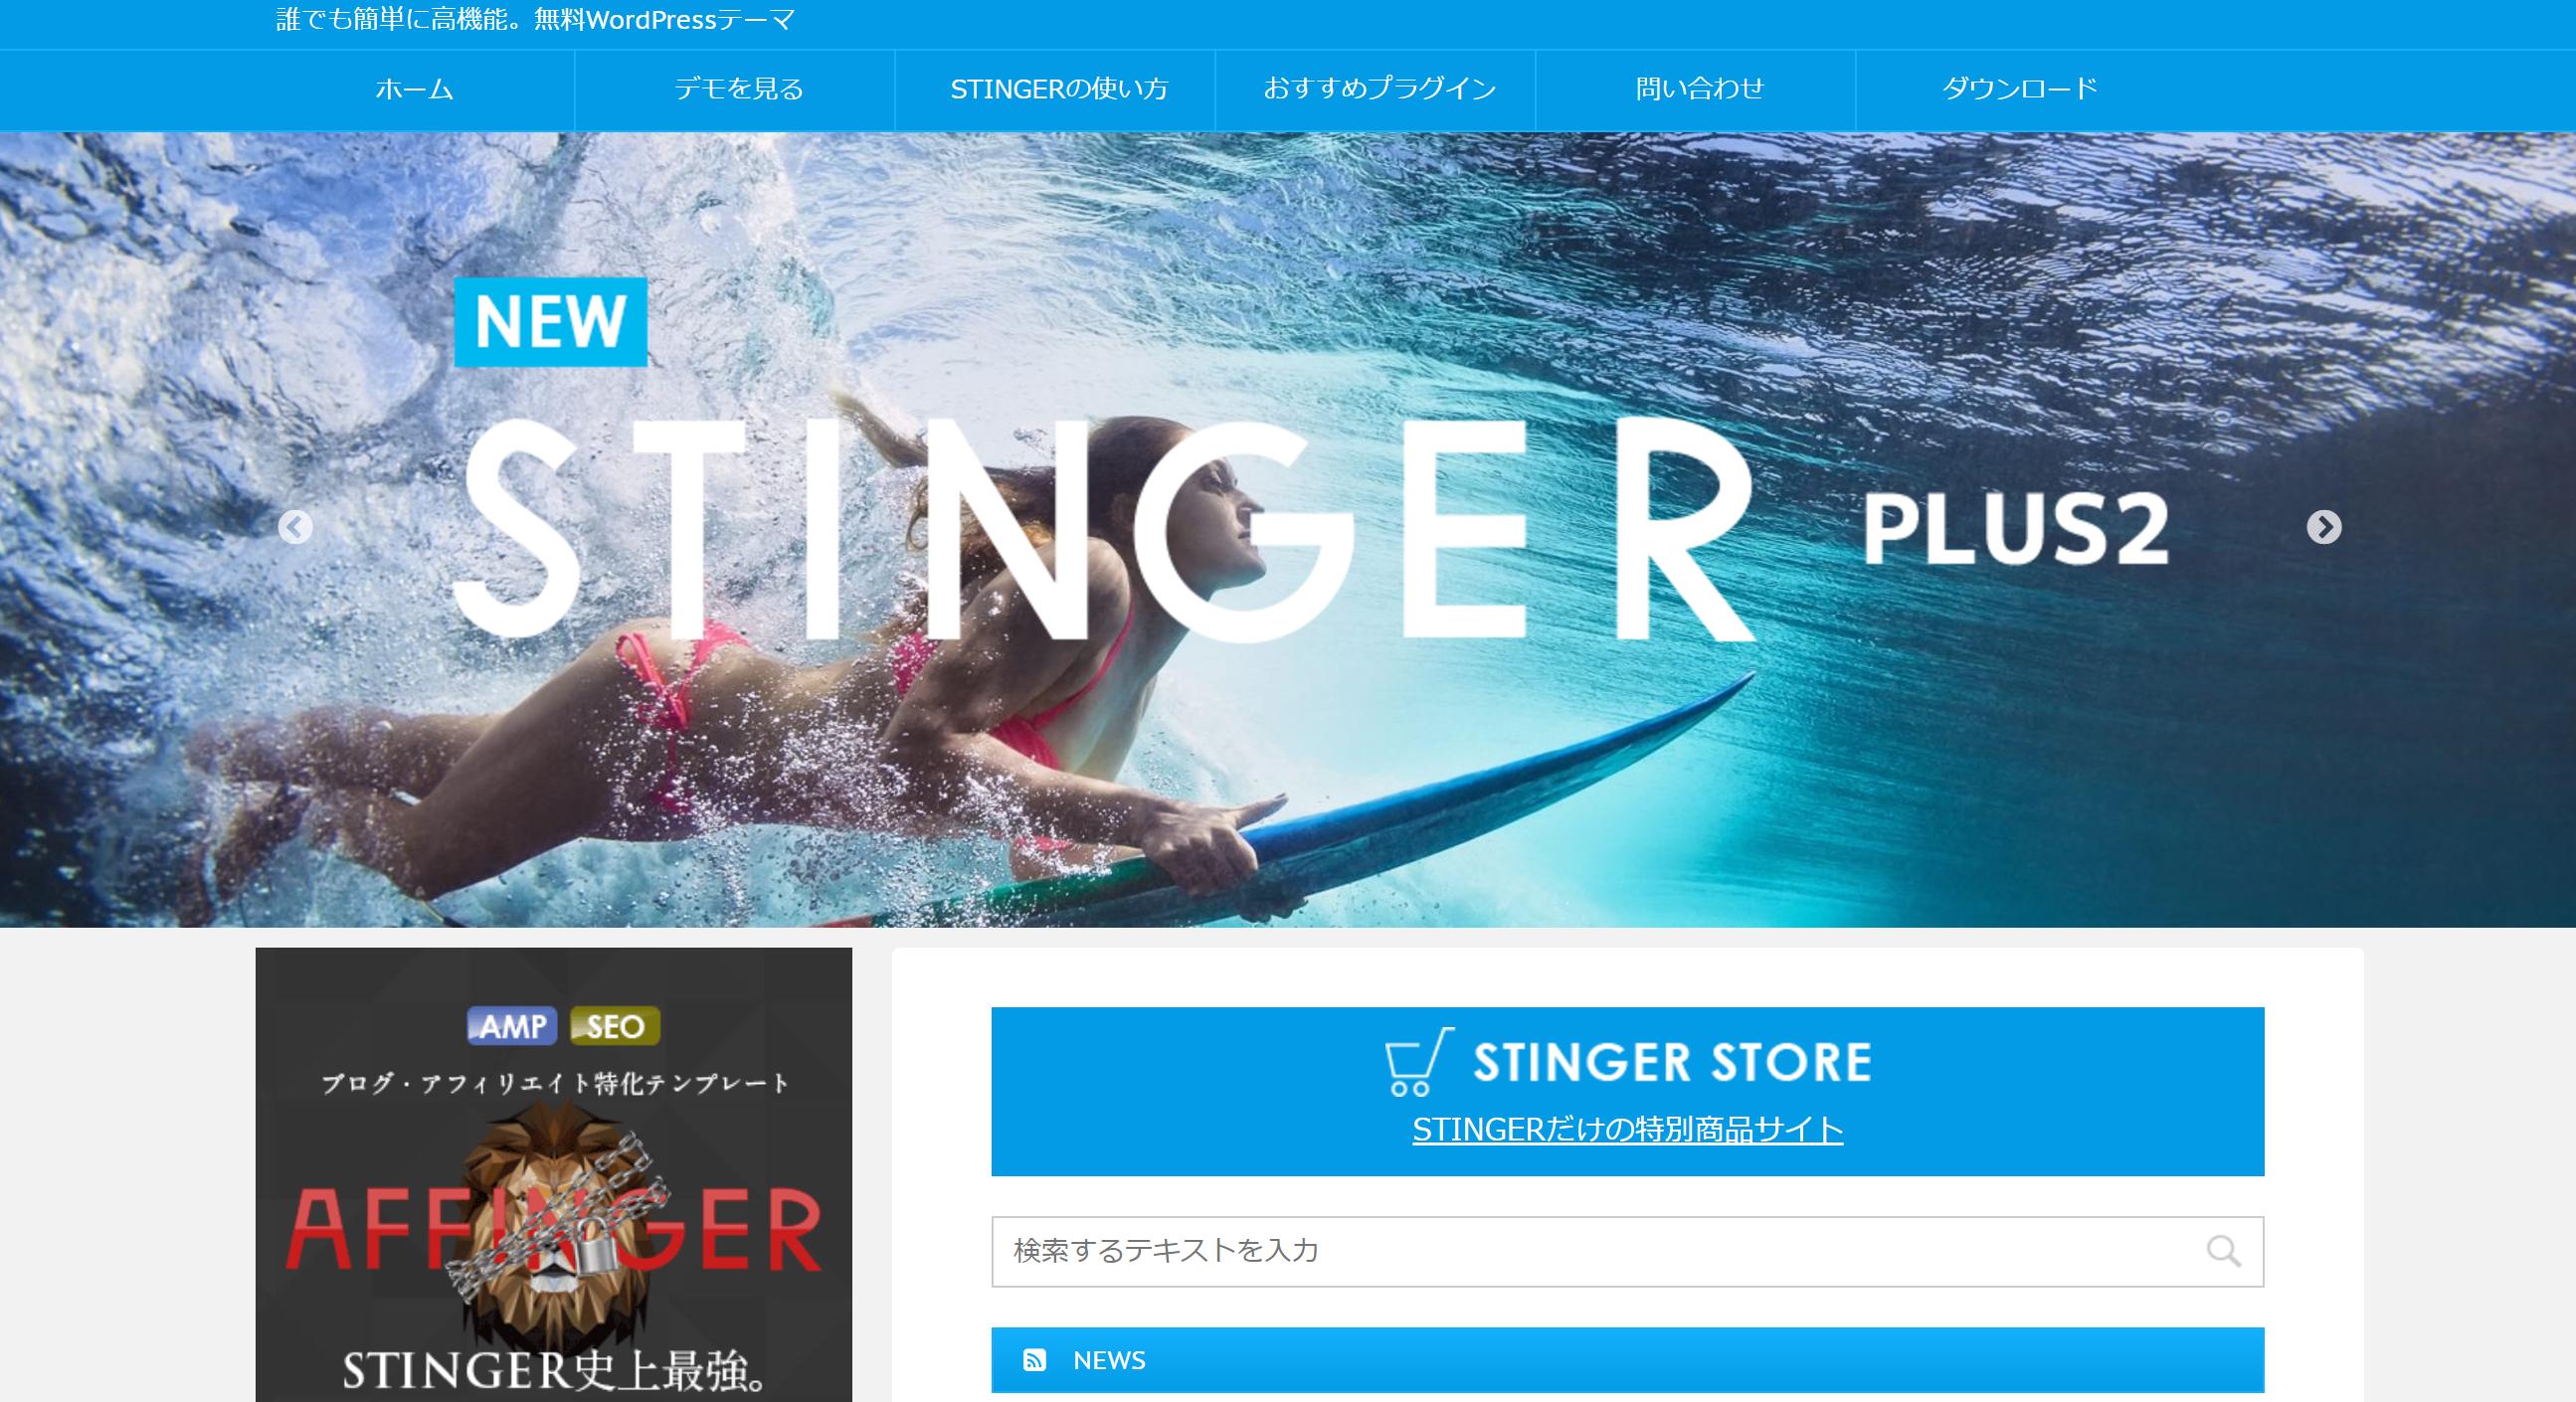 stinger - WordPressでレスポンシブデザインにする方法!CSS編集やおすすめのテーマまとめ